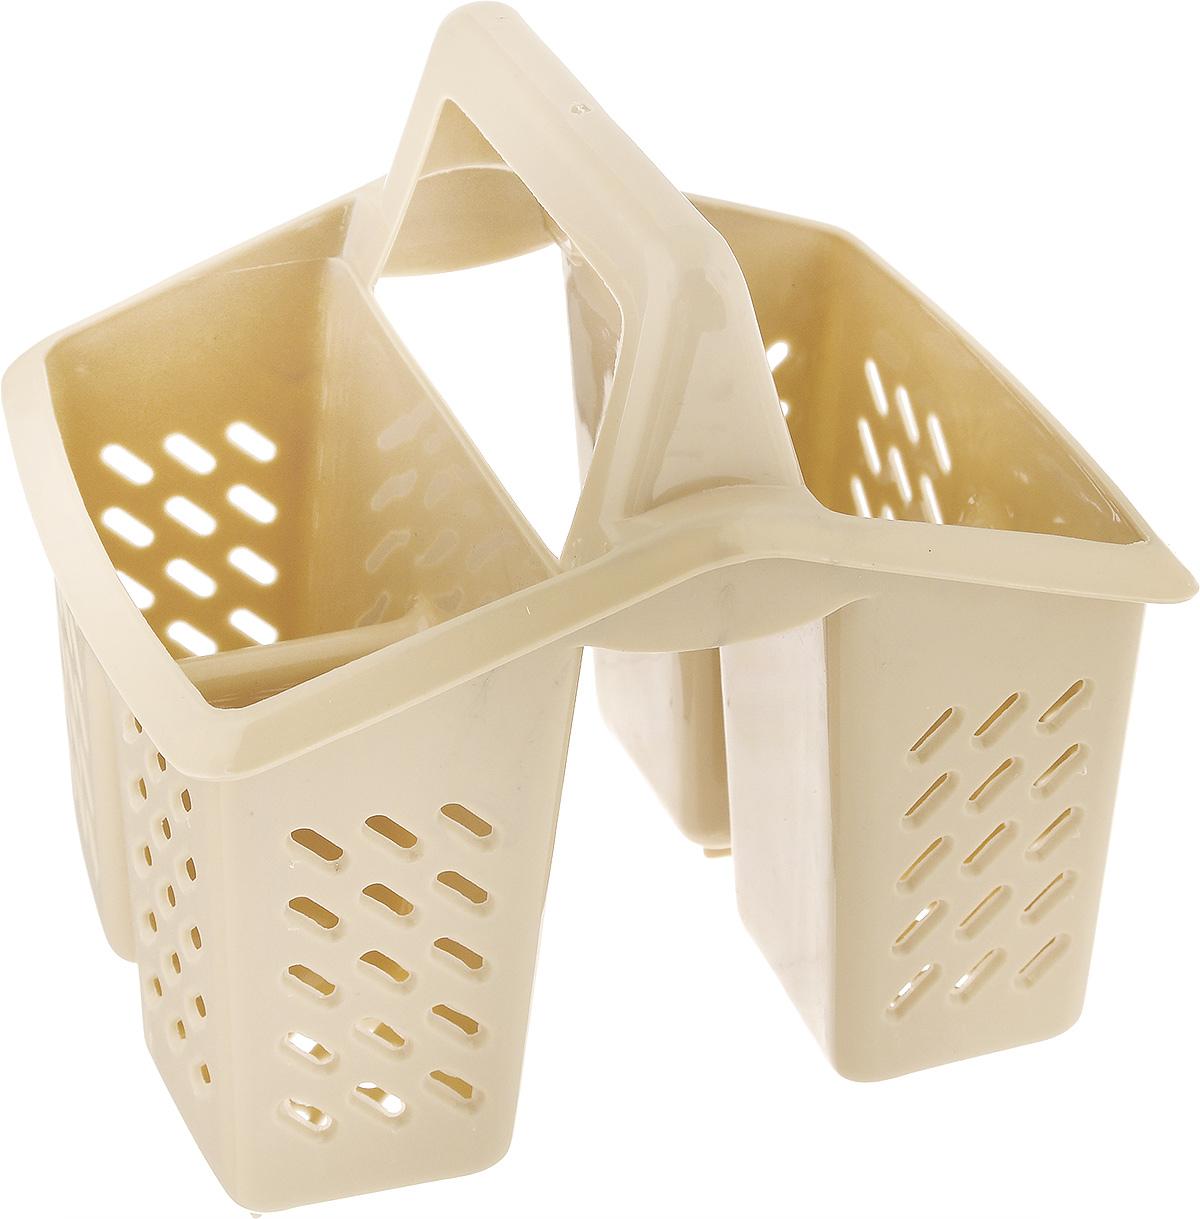 Подставка для столовых приборов Dunya Plastik, цвет: песочный14007_песочныйПодставка для столовых приборов Dunya Plastik, изготовленная из высококачественного прочного пластика, оснащена 4 секциями для различных столовых приборов. Дно и стенки имеют перфорацию для легкого стока жидкости. Изделие снабжено удобной ручкой. Подставка для столовых приборов Dunya Plastik поможет аккуратно рассортировать все столовые приборы и тем самым поддерживать порядок на кухне.